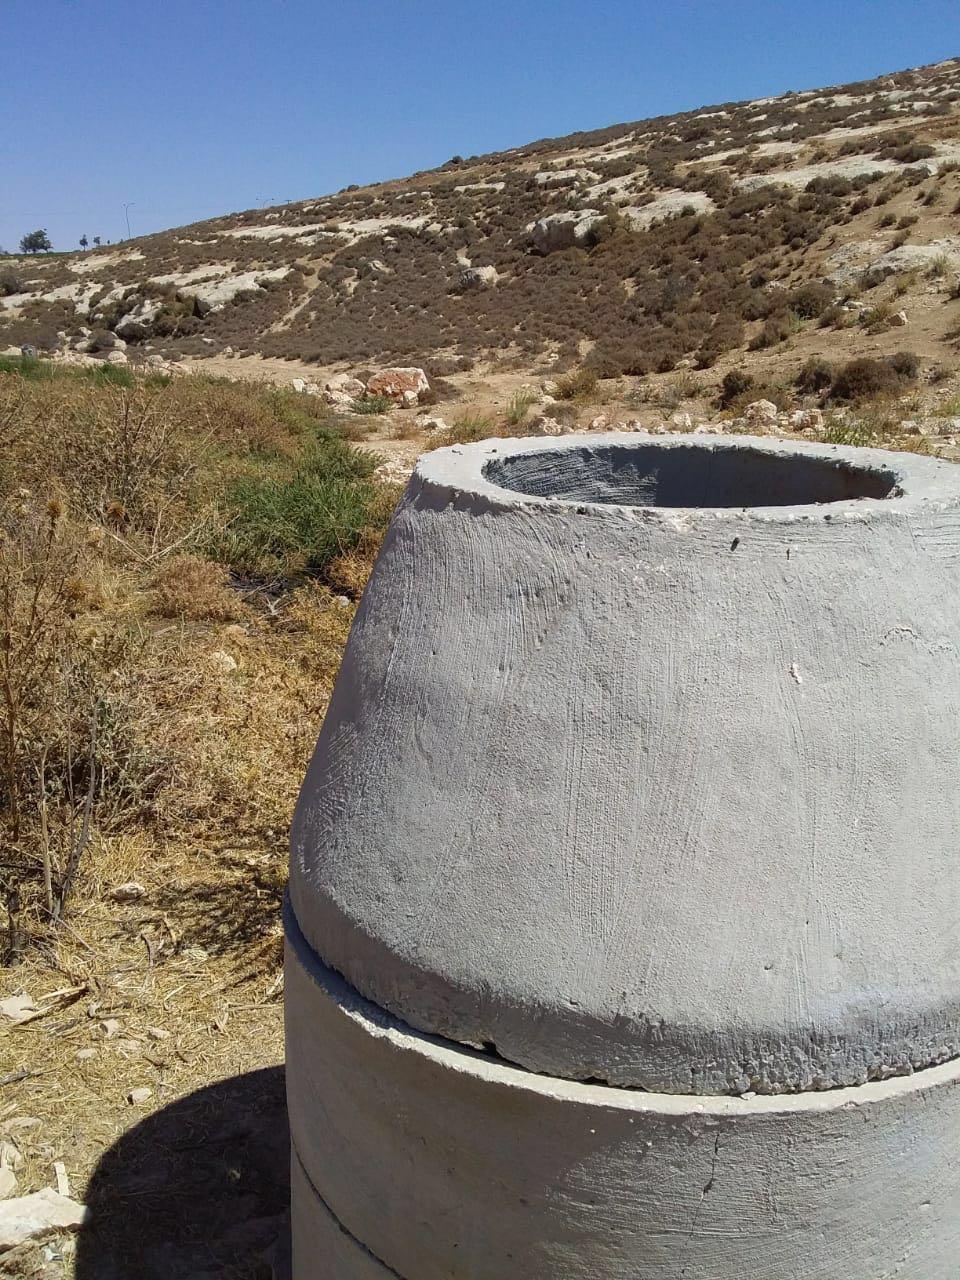 المياه:  الاعتداءات والقاء الانقاض وراء تكرار فيضان خط صرف صحي حي المنصور